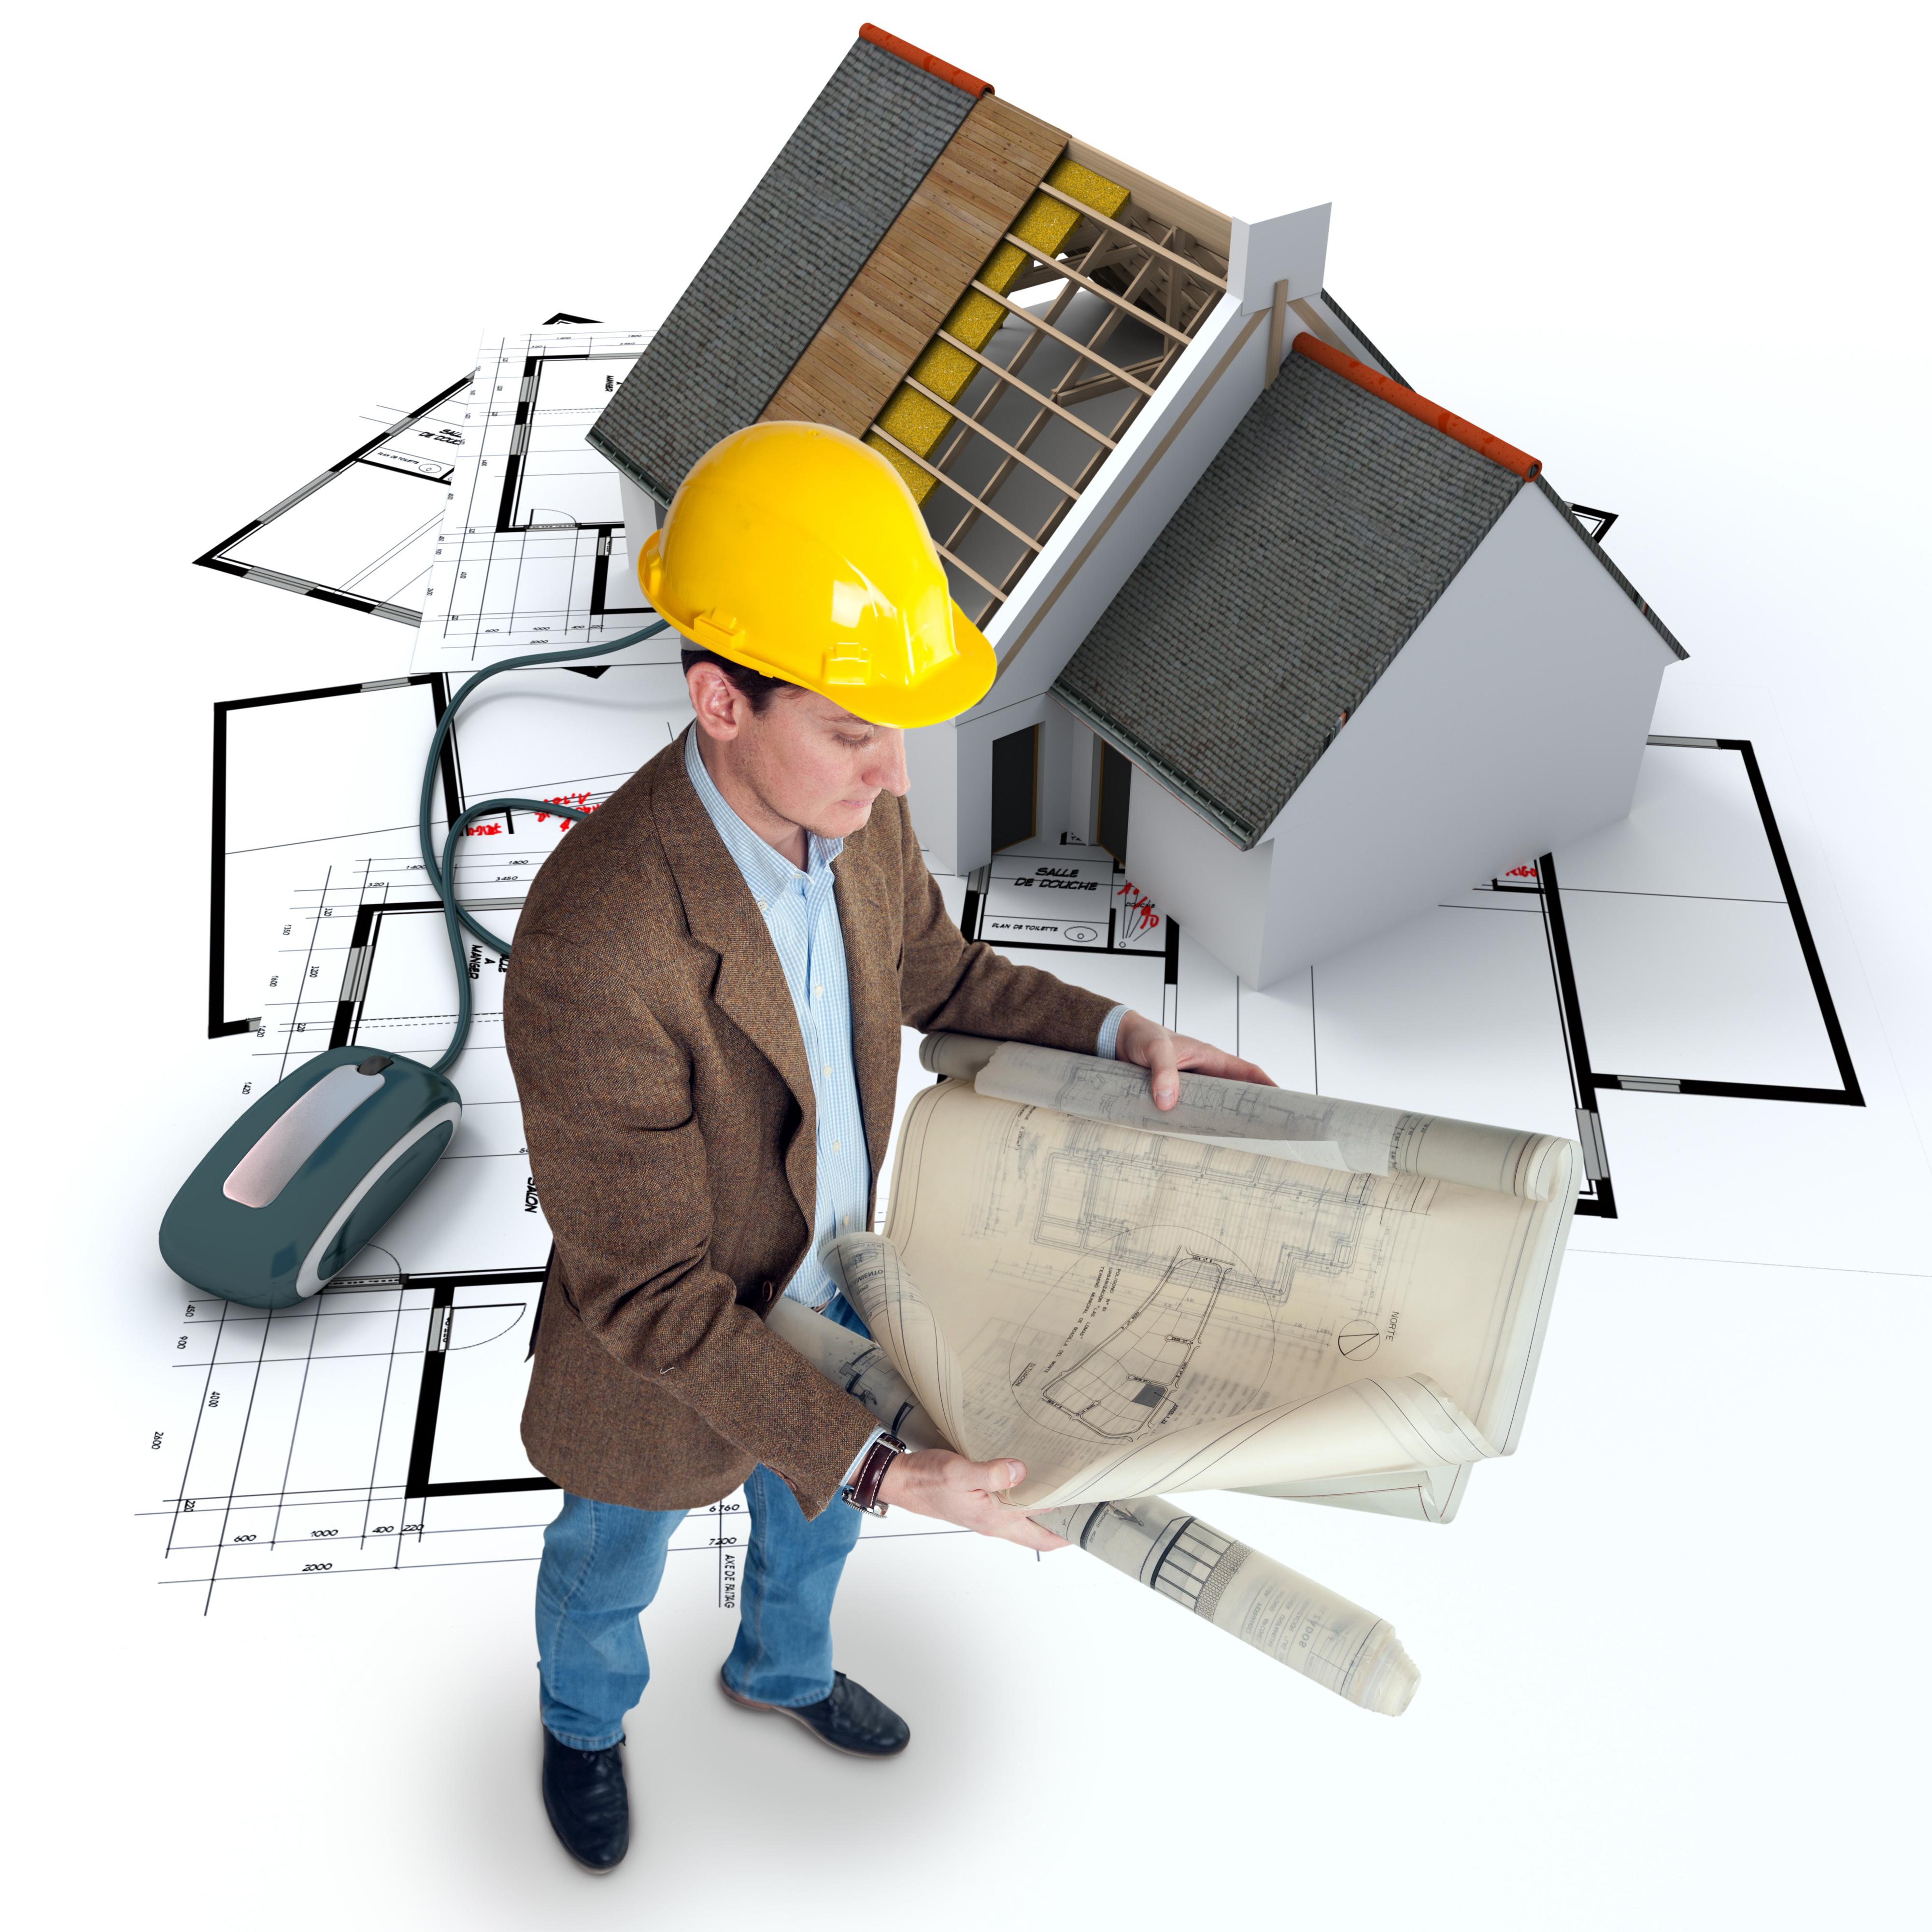 Renovation Design build manage